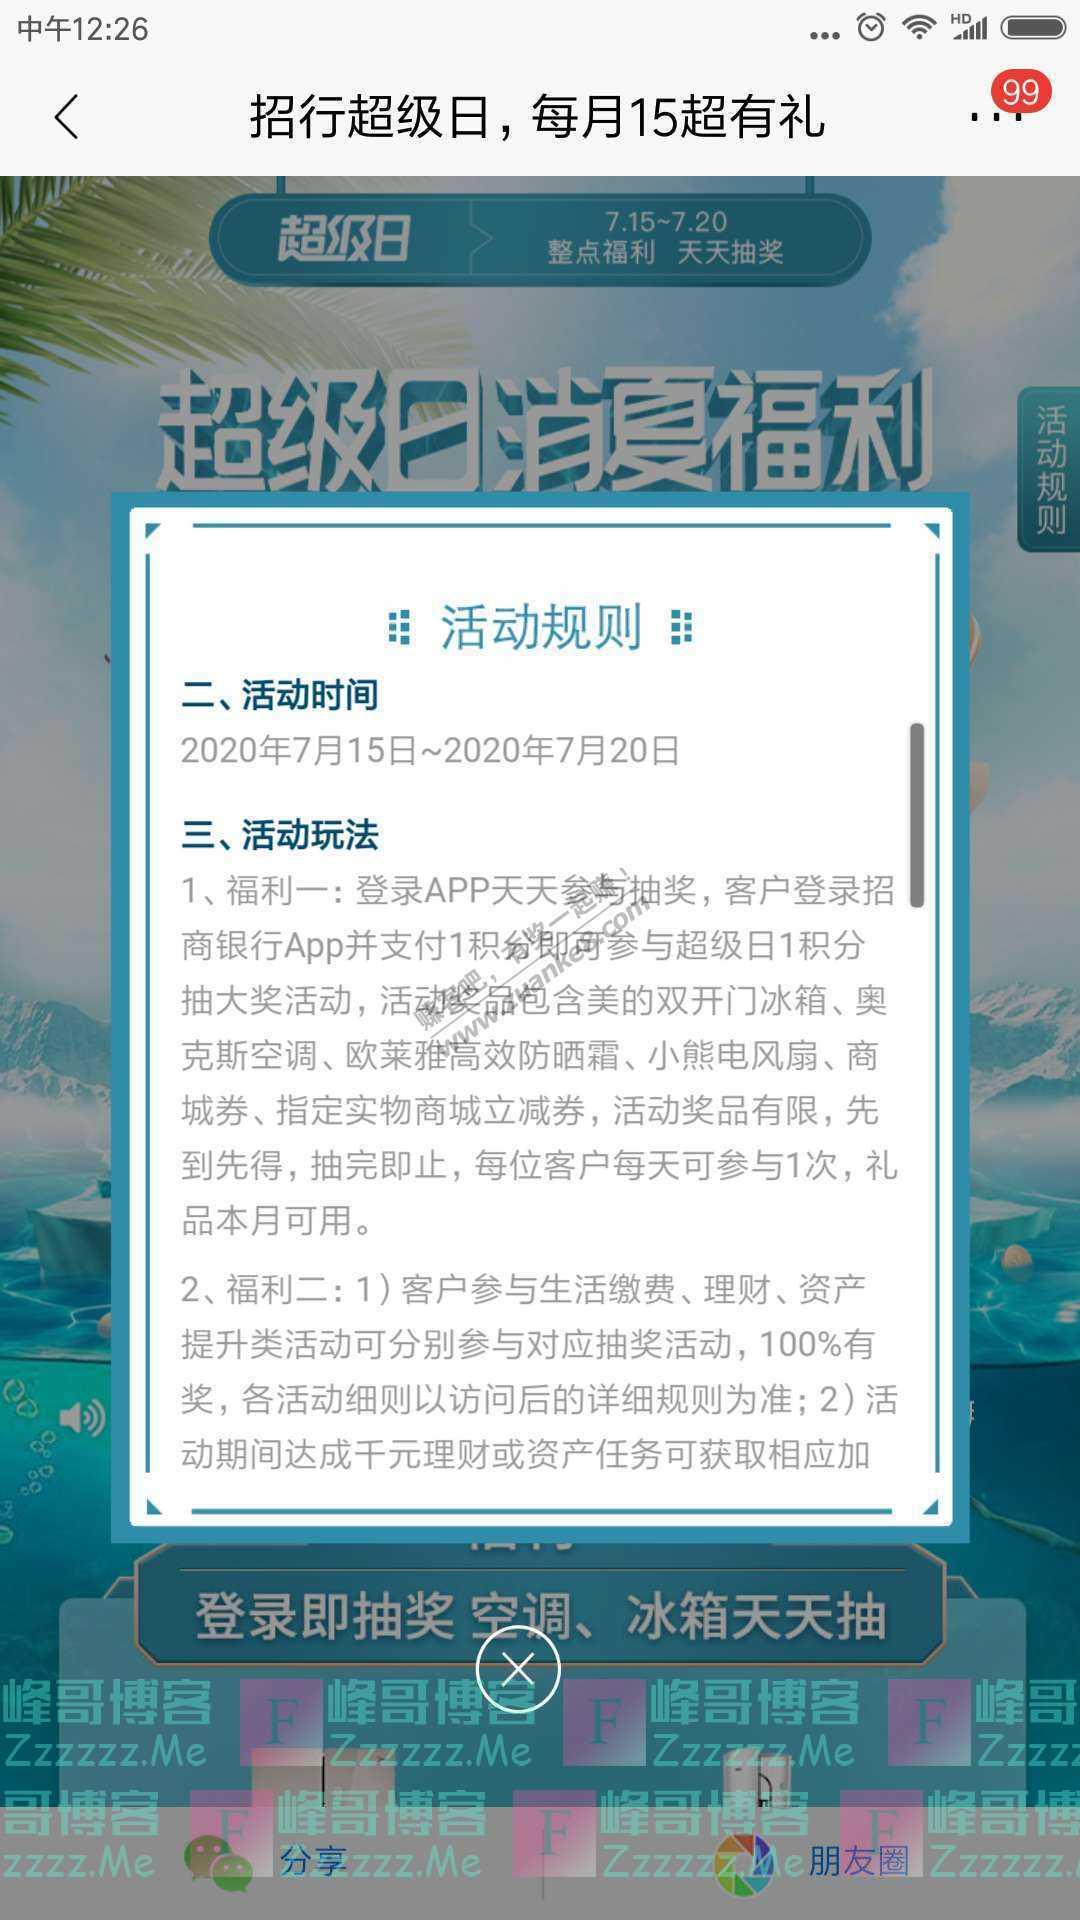 招商银行app7月超级日消夏福利(截止7月20日)